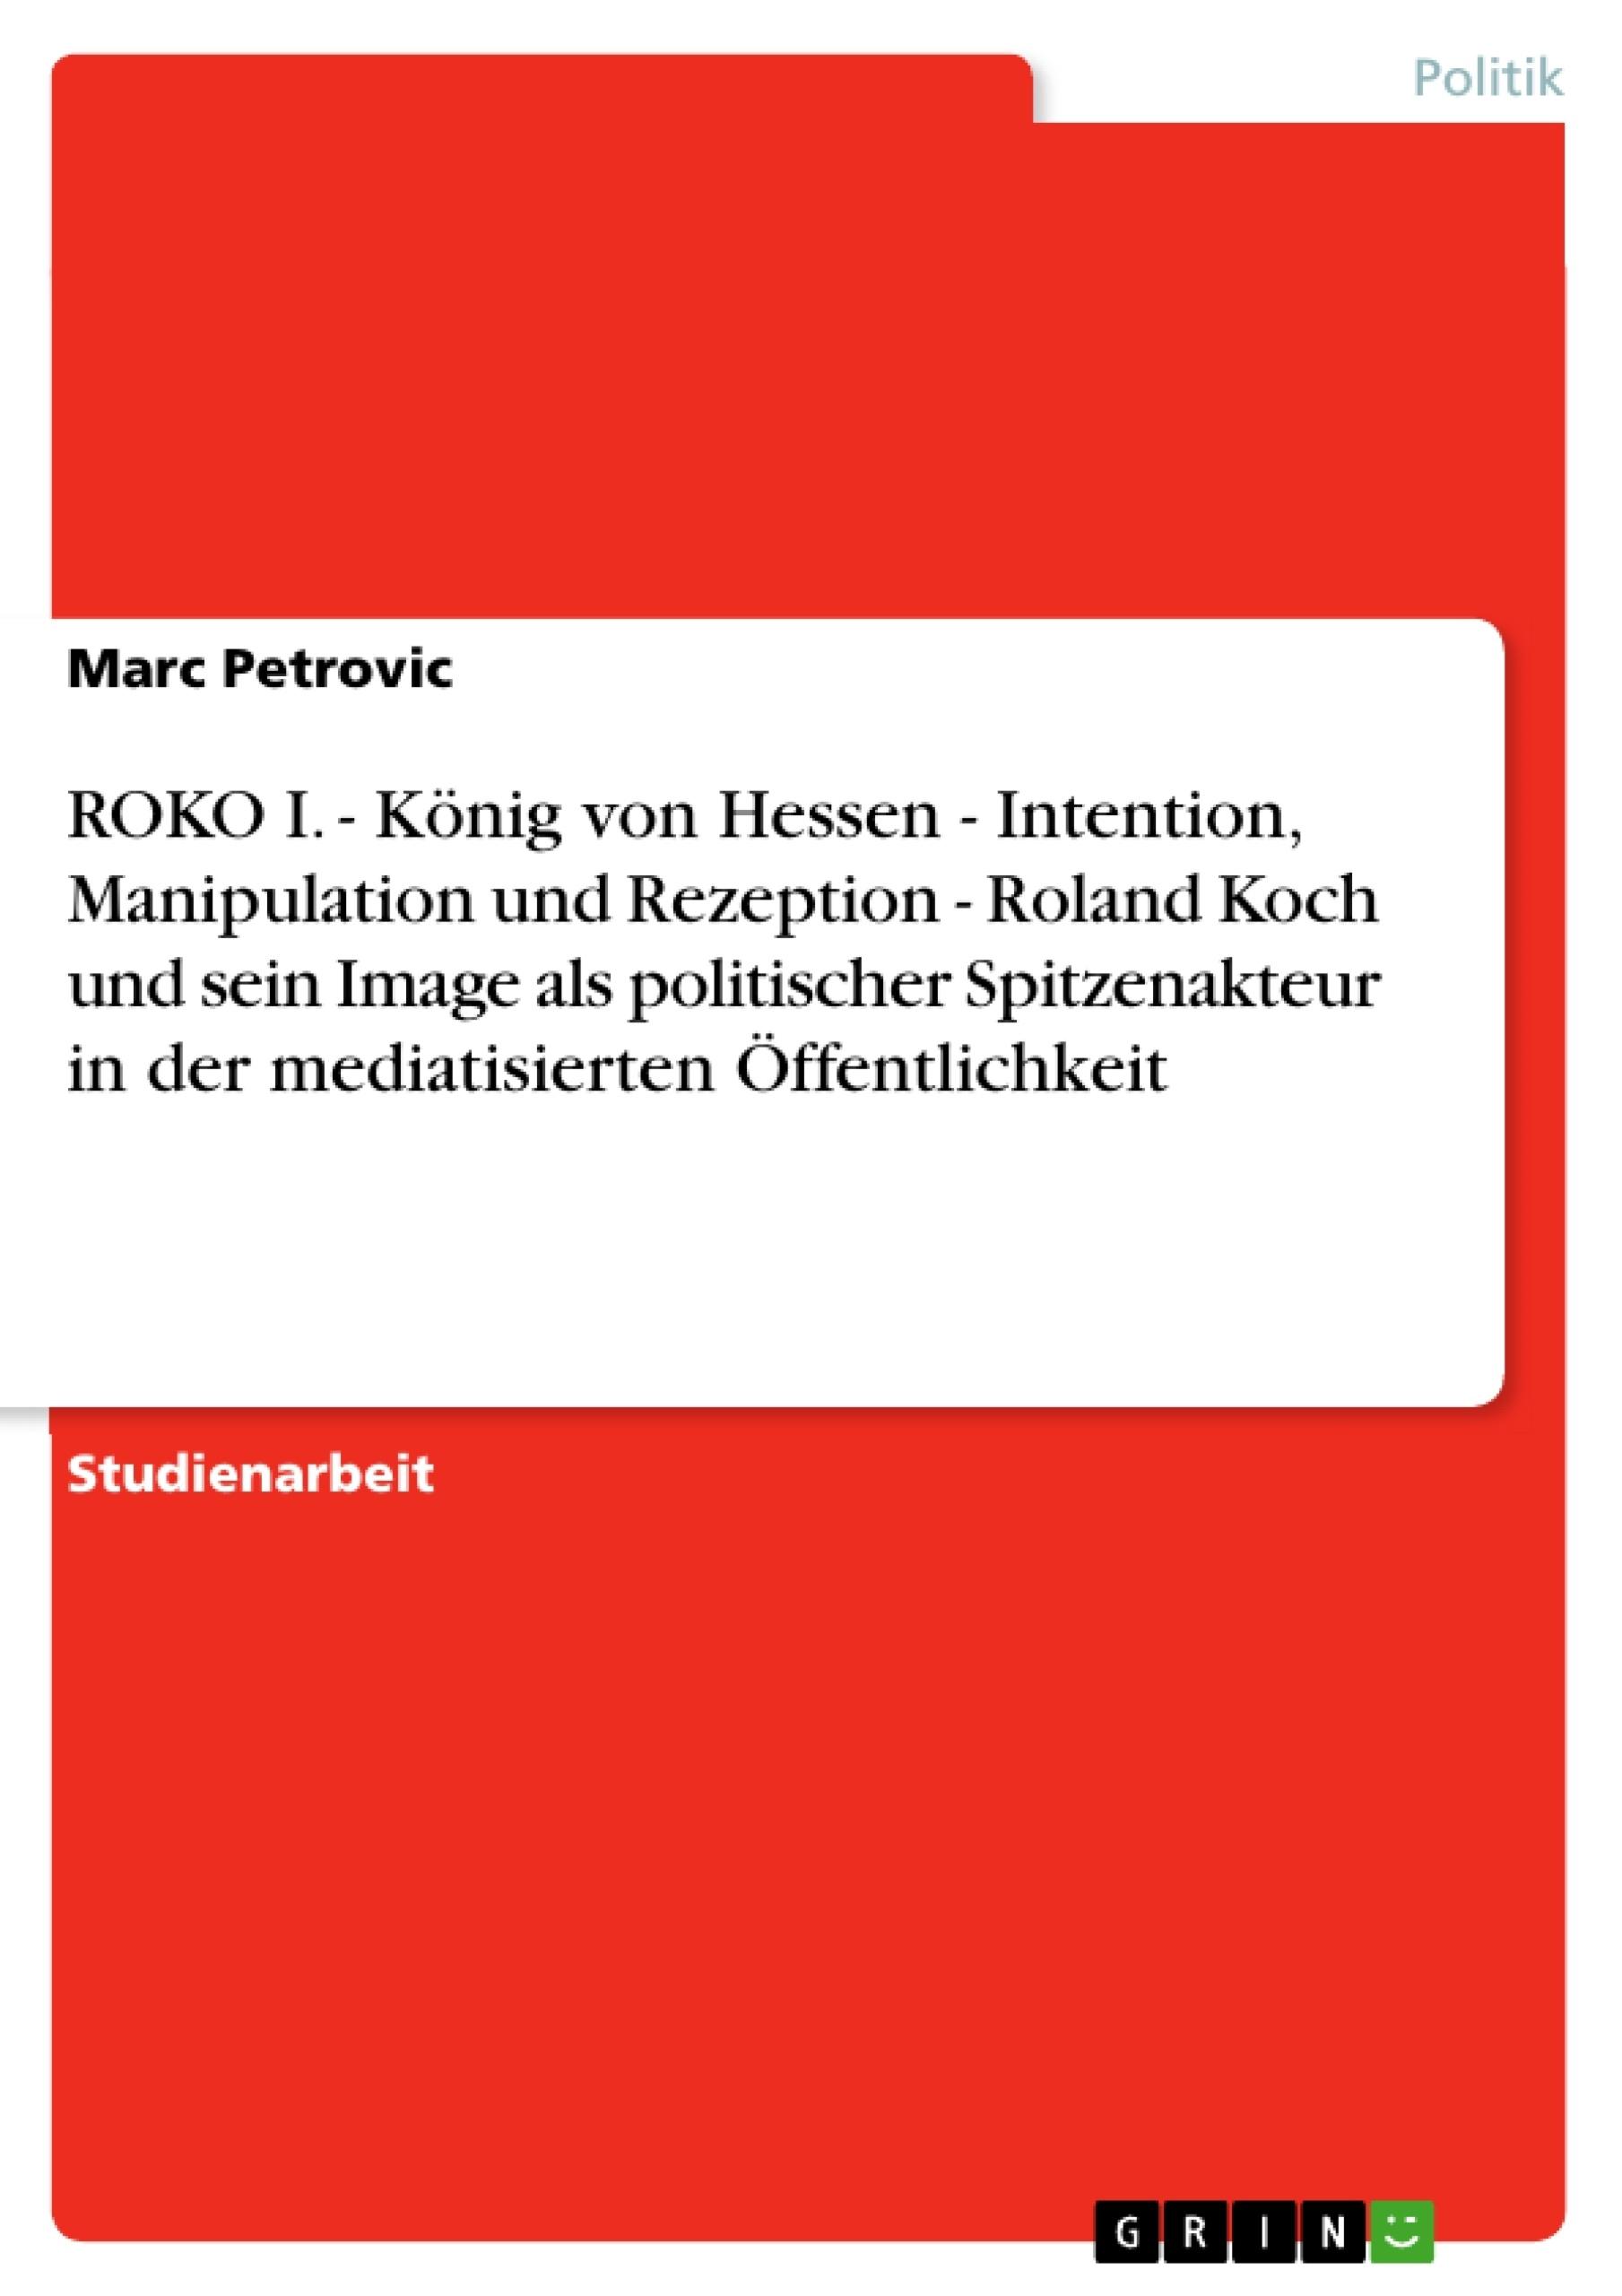 Titel: ROKO I. - König von Hessen - Intention, Manipulation und Rezeption - Roland Koch und sein Image als politischer Spitzenakteur in der mediatisierten Öffentlichkeit